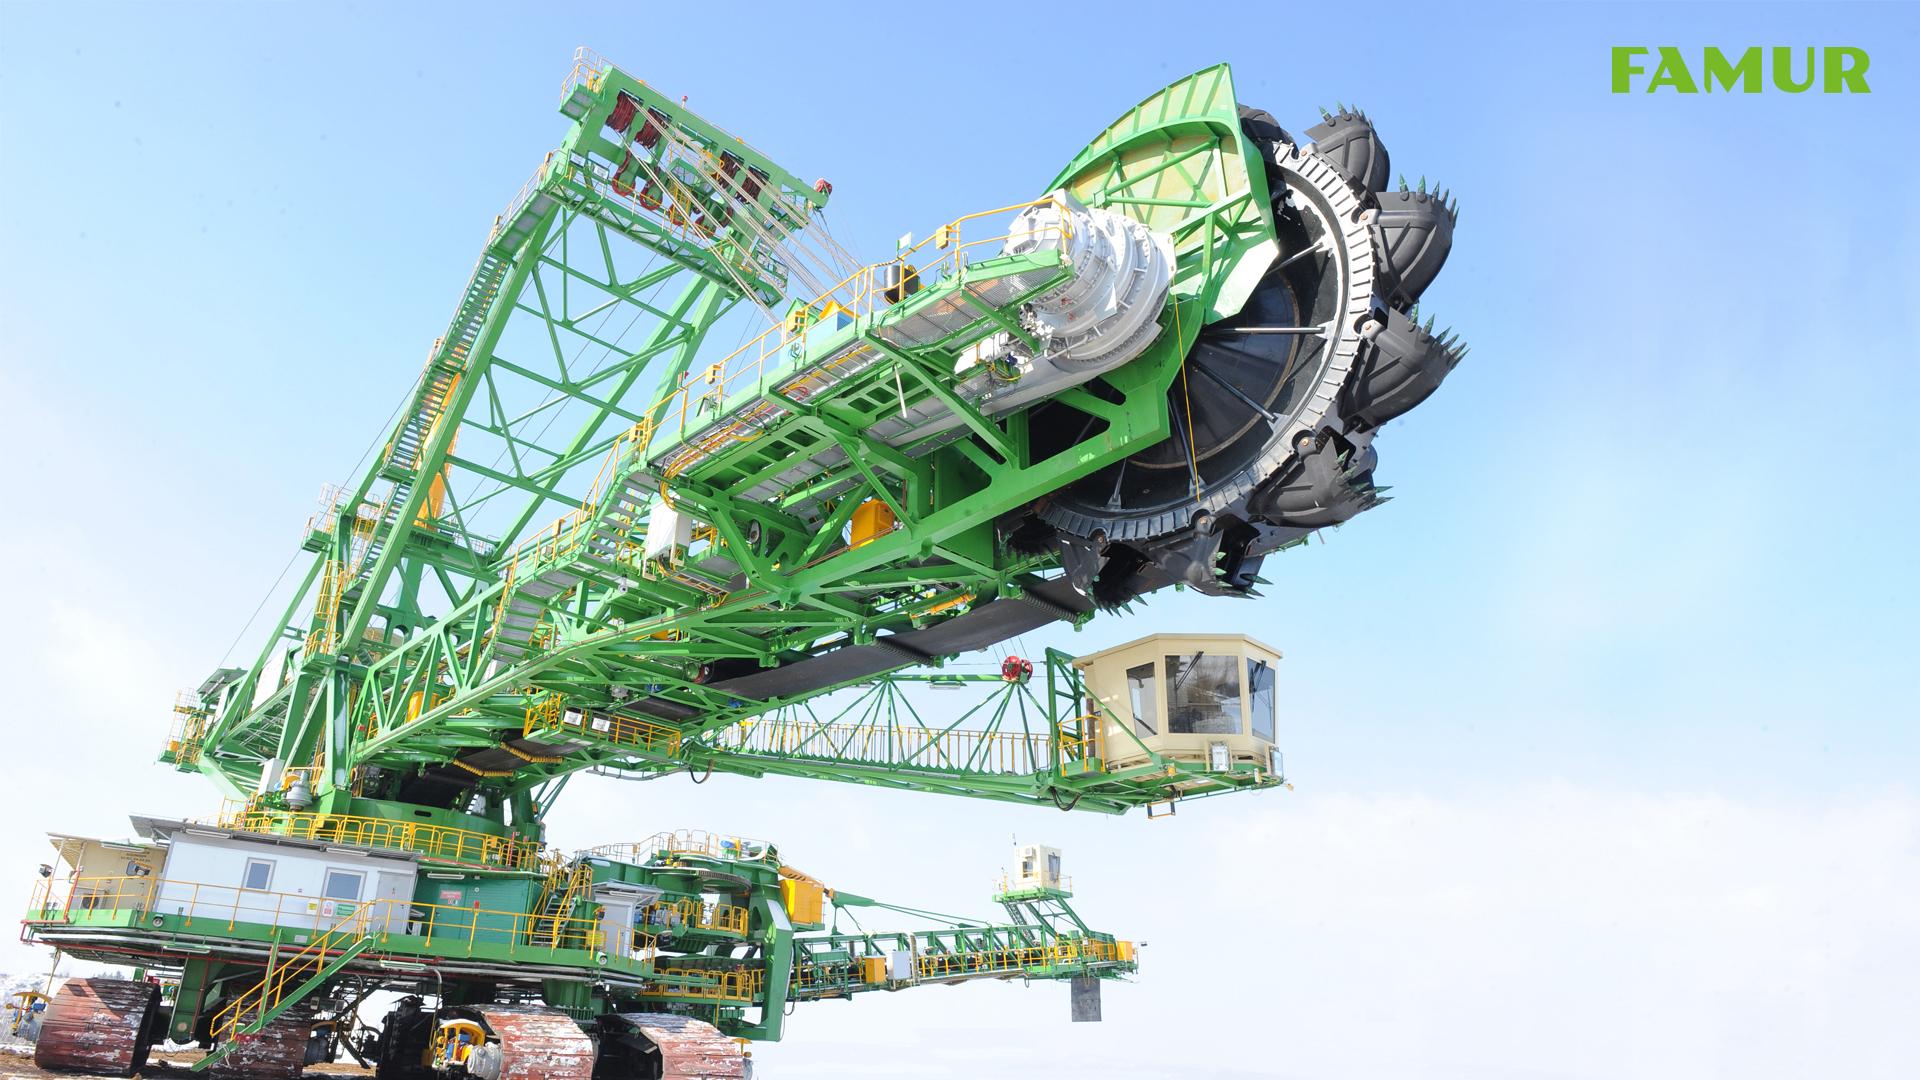 Automatyzacja i robotyzacja w górnictwie, podobnie jak w każdej gałęzi przemysłu, systematycznie zyskuje na znaczeniu (Fot. Mat. pras.)